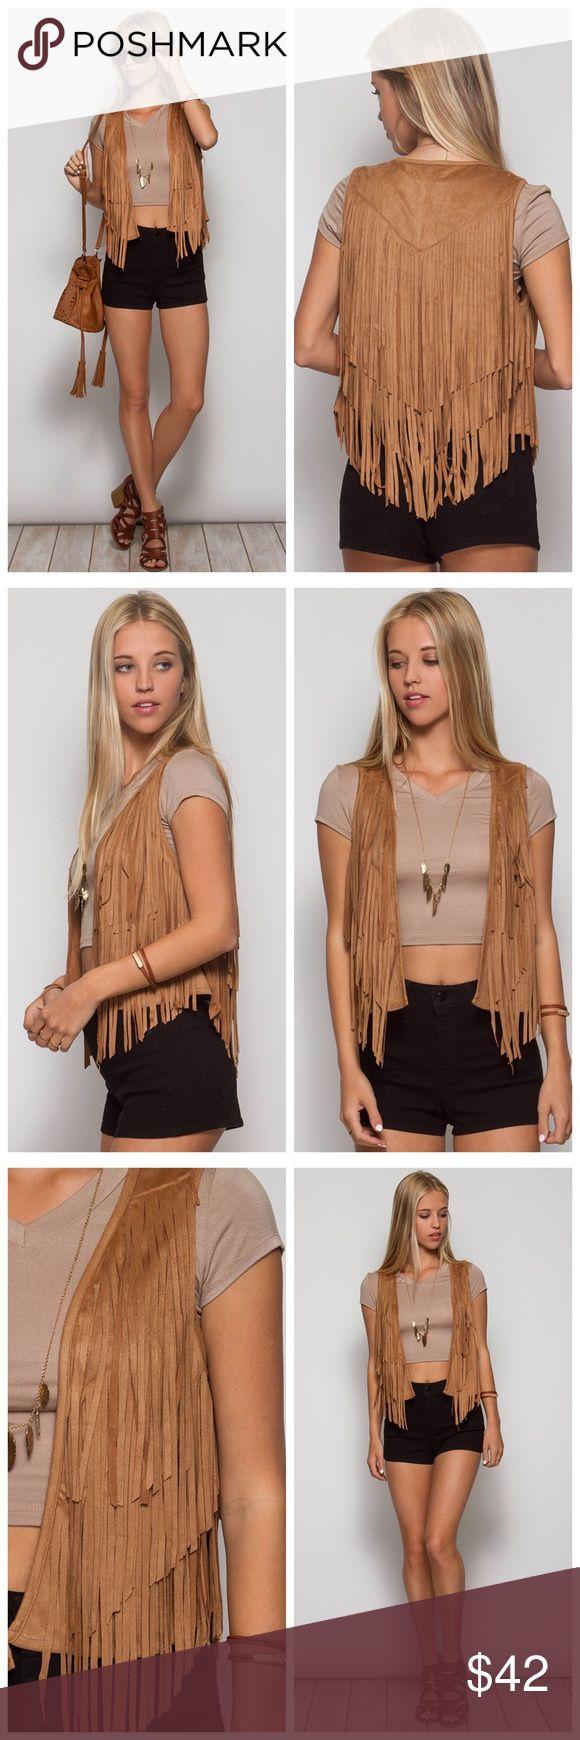 Suede fringe vest Camel suede fringe vest Jackets & Coats Vests